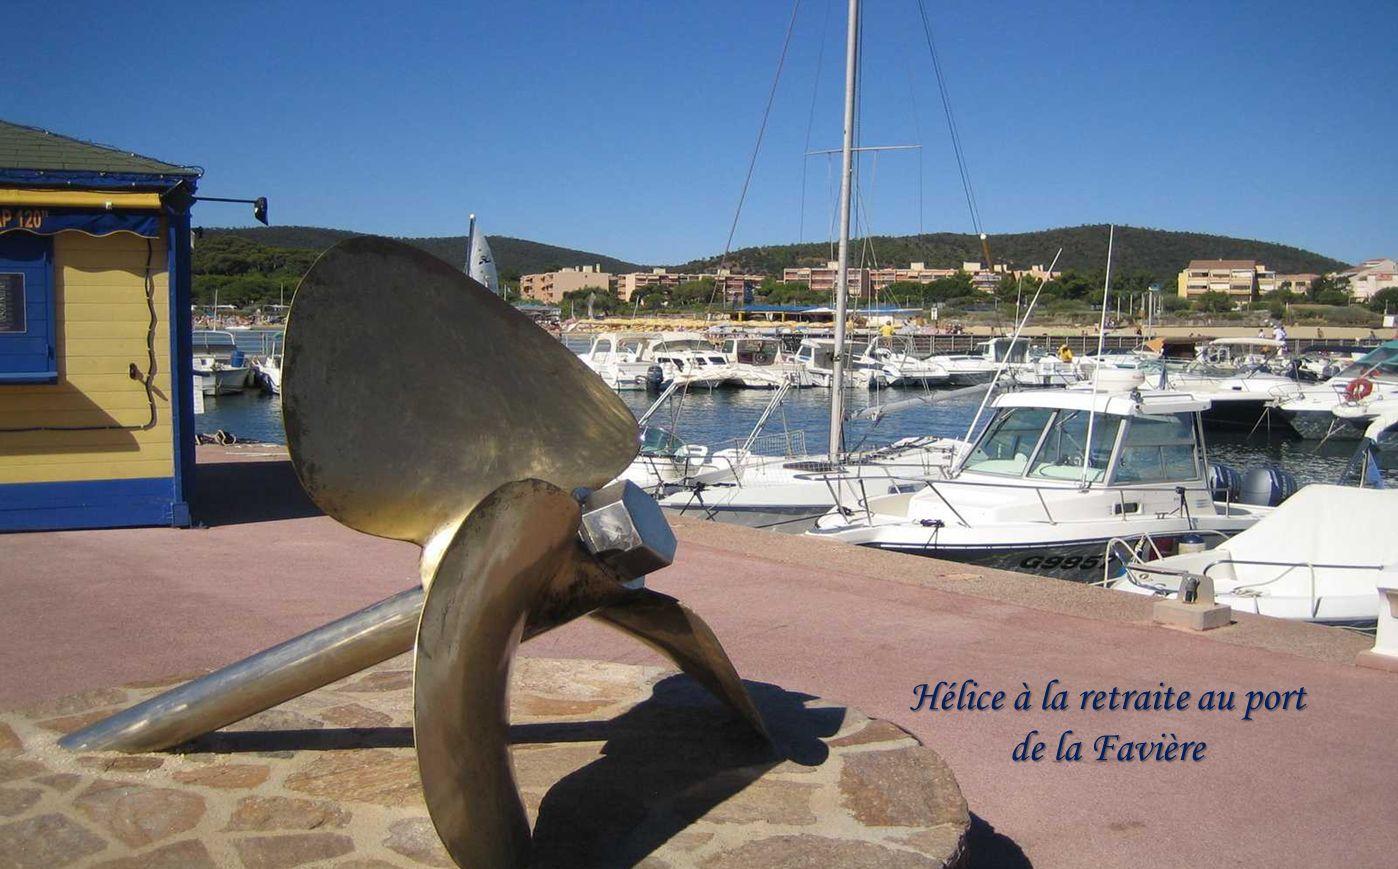 Hélice à la retraite au port de la Favière